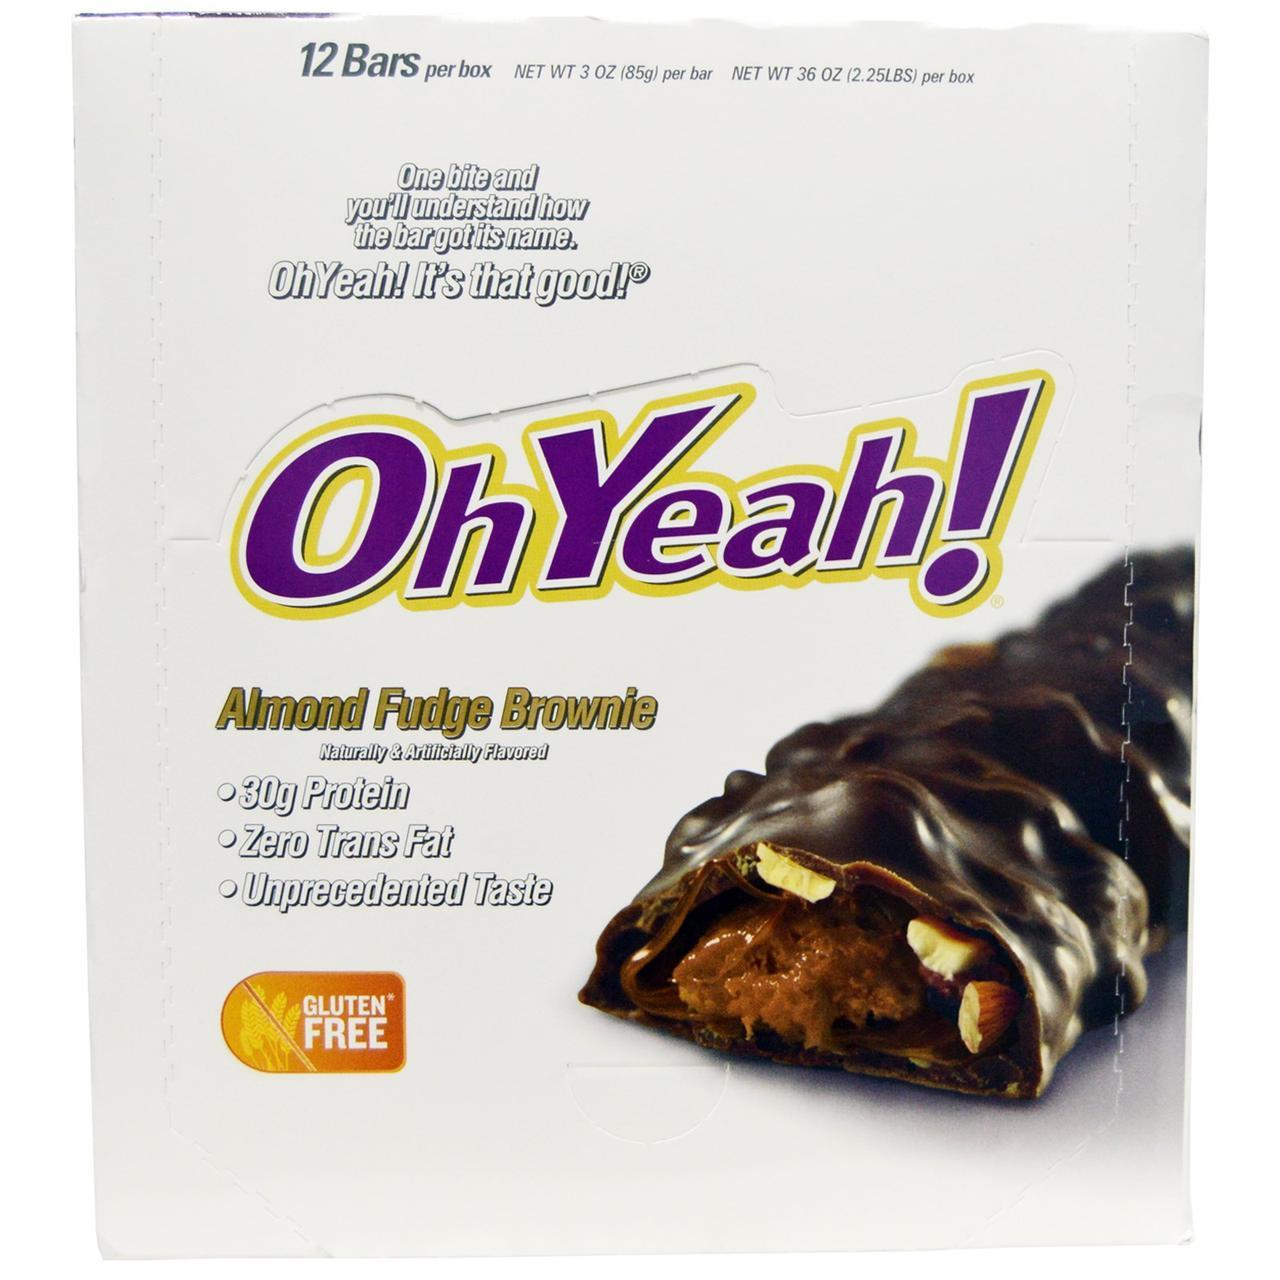 Oh Yeah!, Миндальные шоколадные батончикики Фадж, 12 батончиков - по 3 унции (85 г) каждый